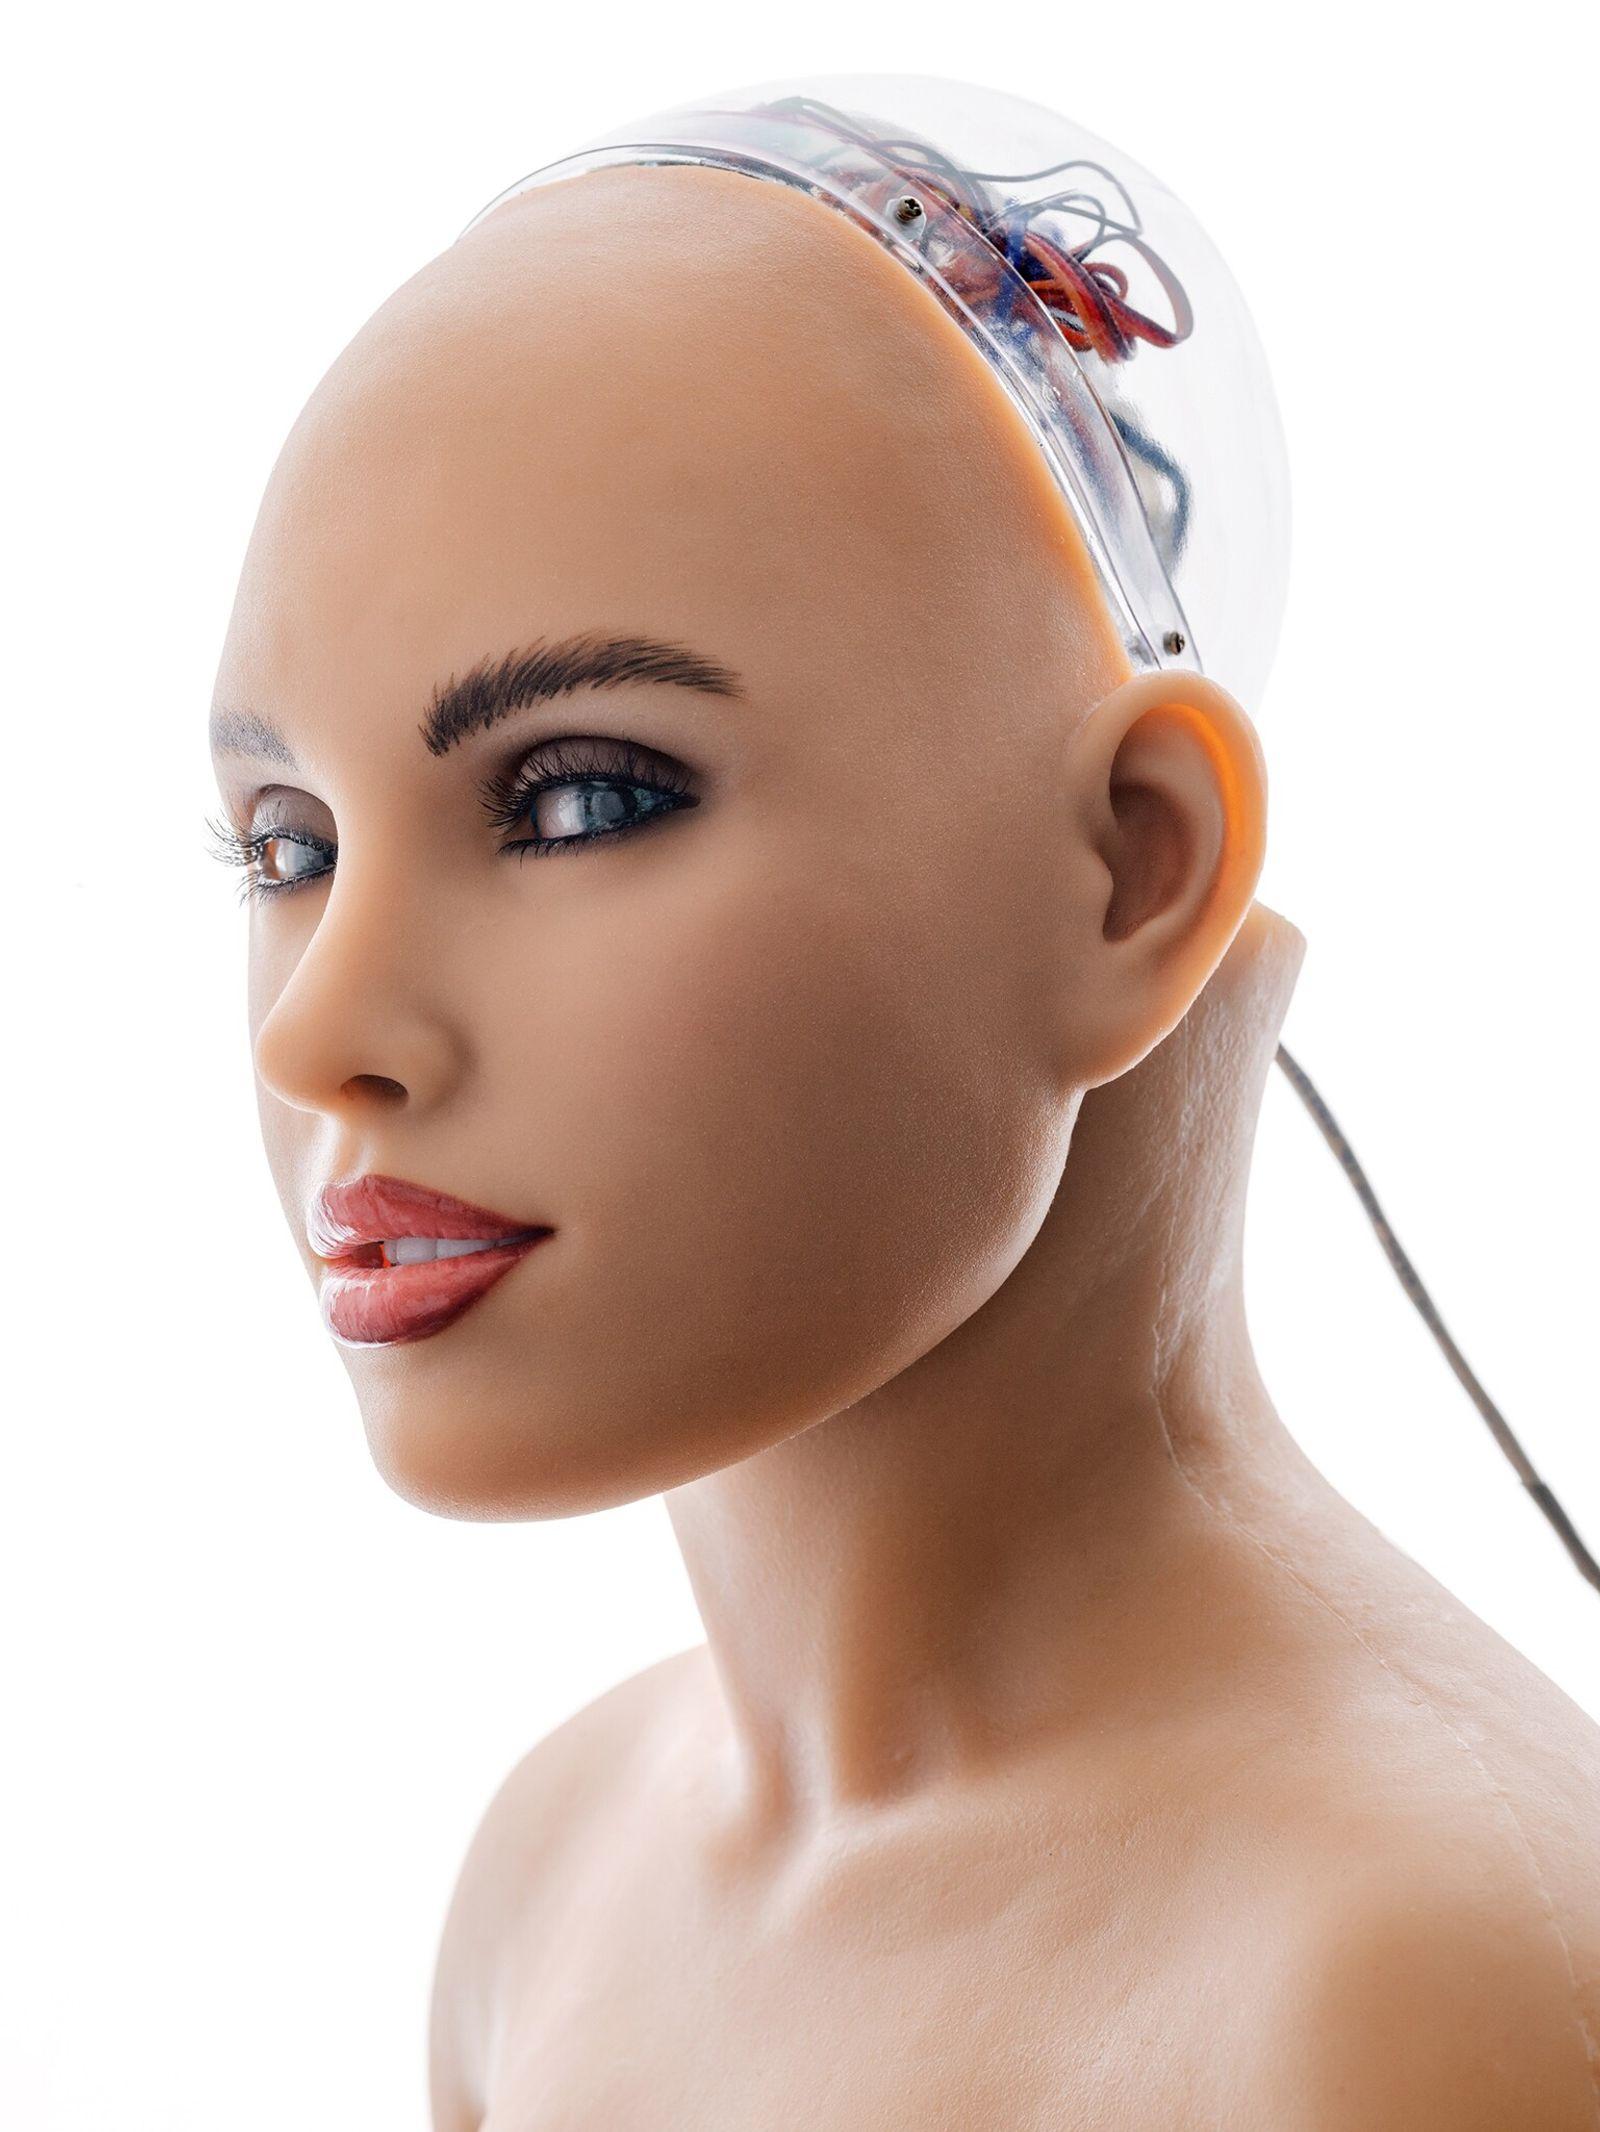 Alguns engenheiros de robótica criam máquinas que imitam e são semelhantes aos humanos. Um dos exemplos ...